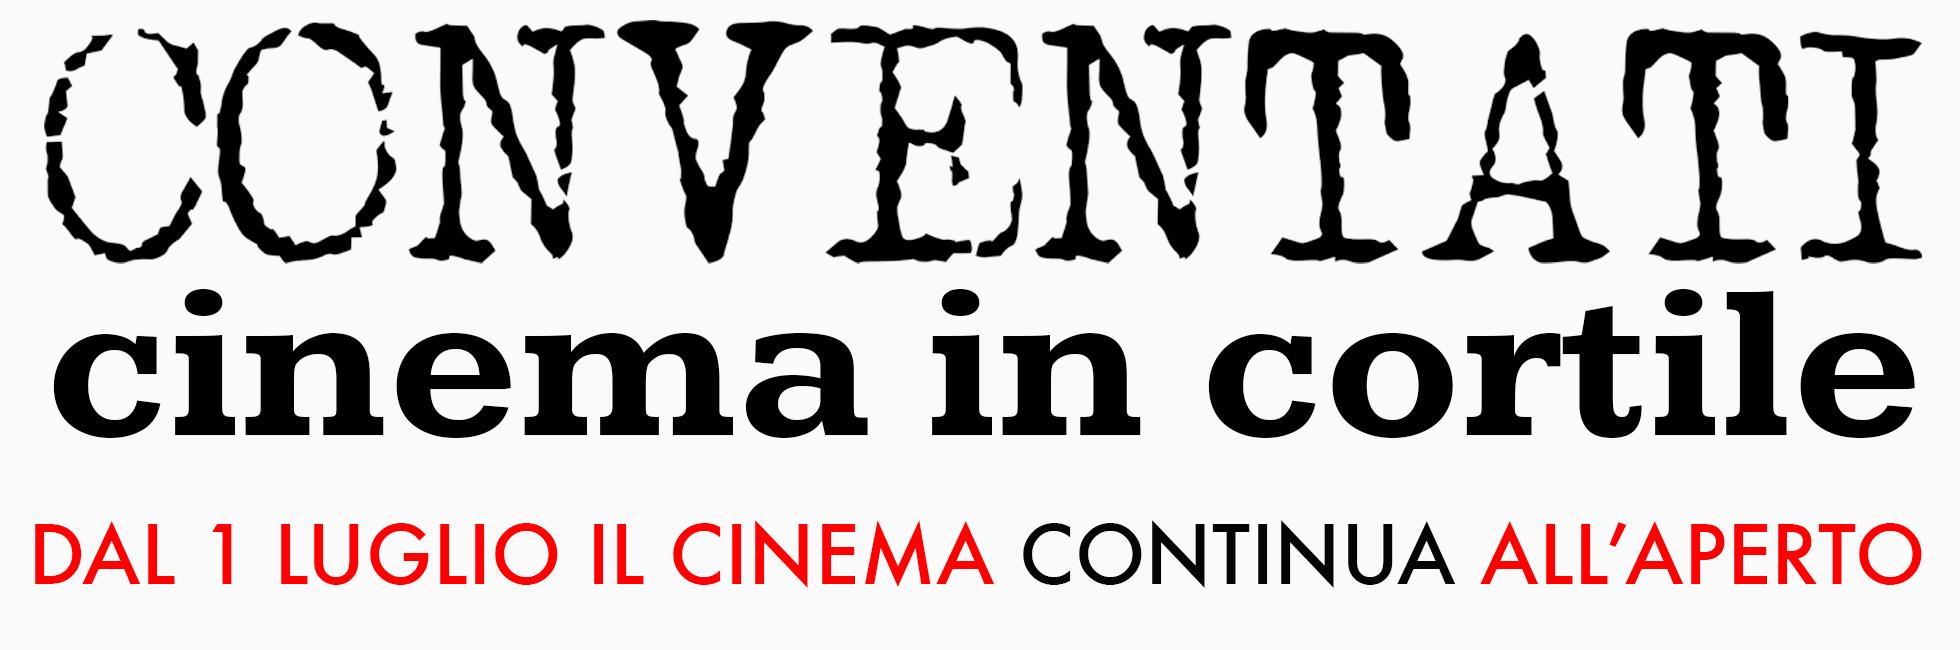 banner_con3ventati